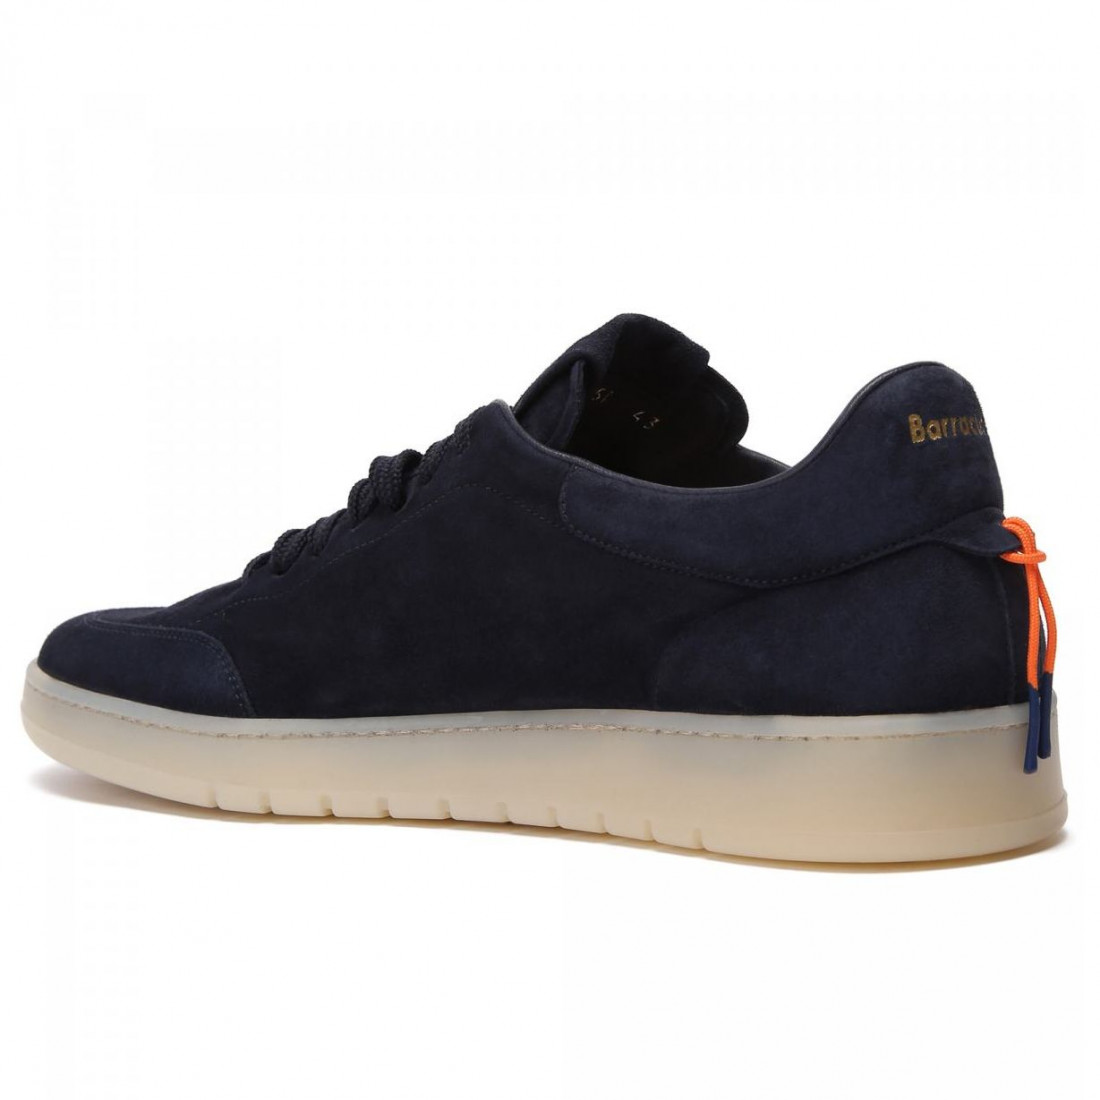 sneakers herren barracuda bu3372navy 8971